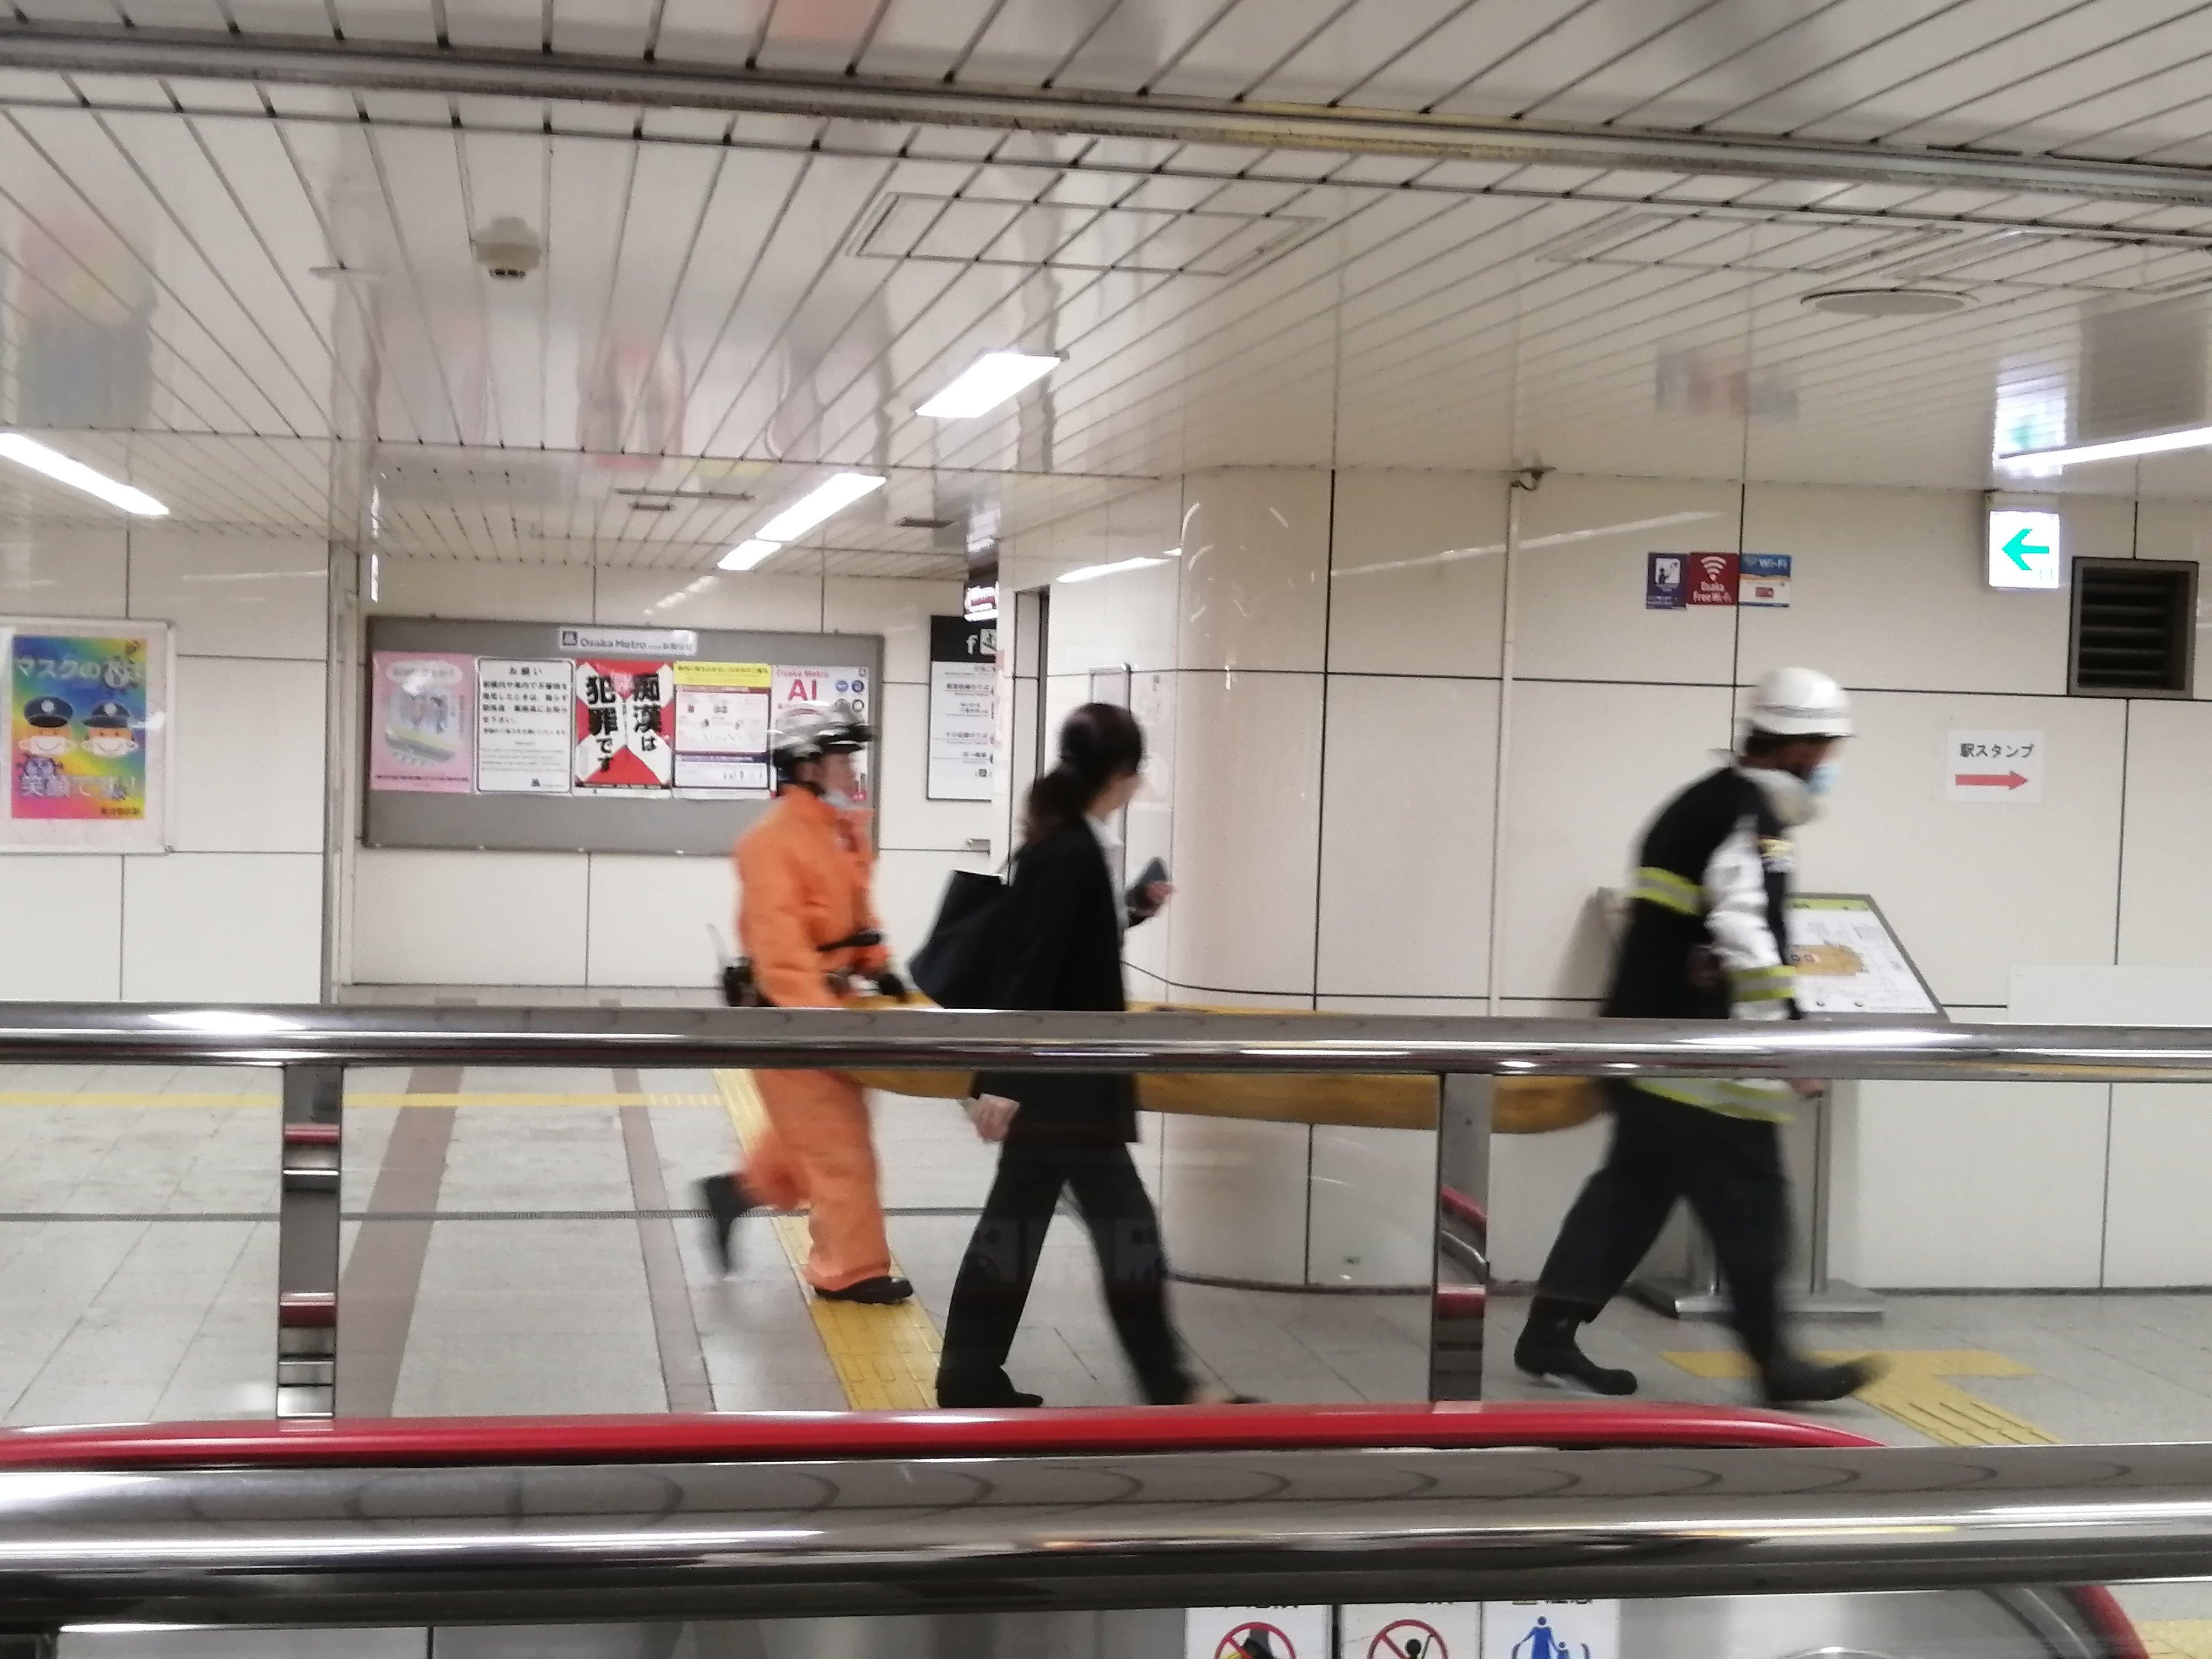 大阪メトロ御堂筋線のなんば駅で人身事故が発生した現場の画像